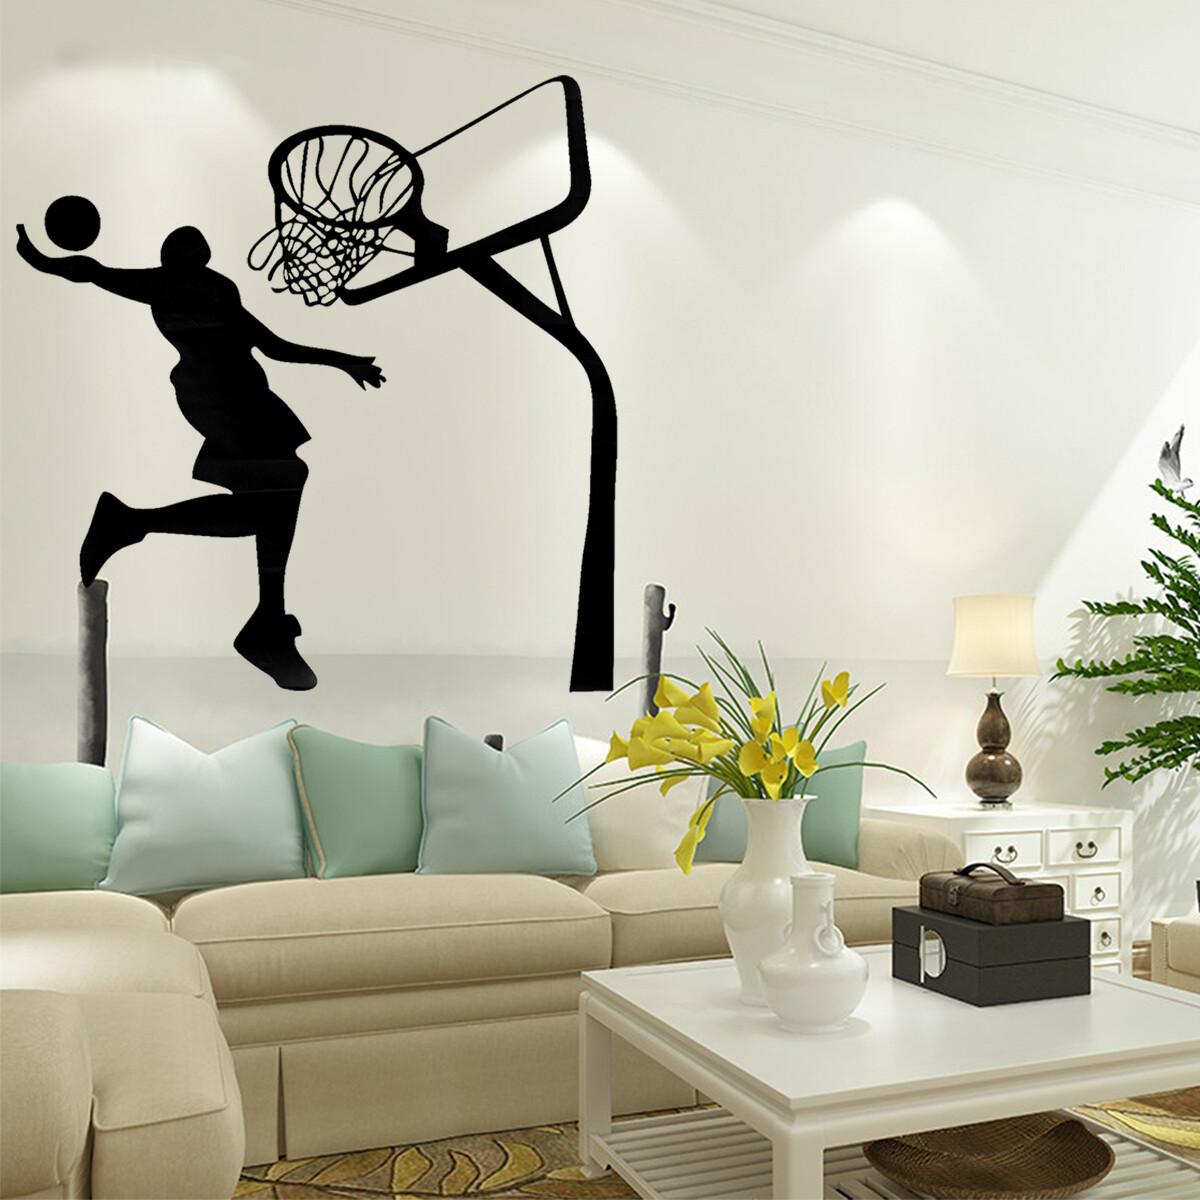 Wall Sticker Basketball Dunk Sport Art Decor Decals Removable